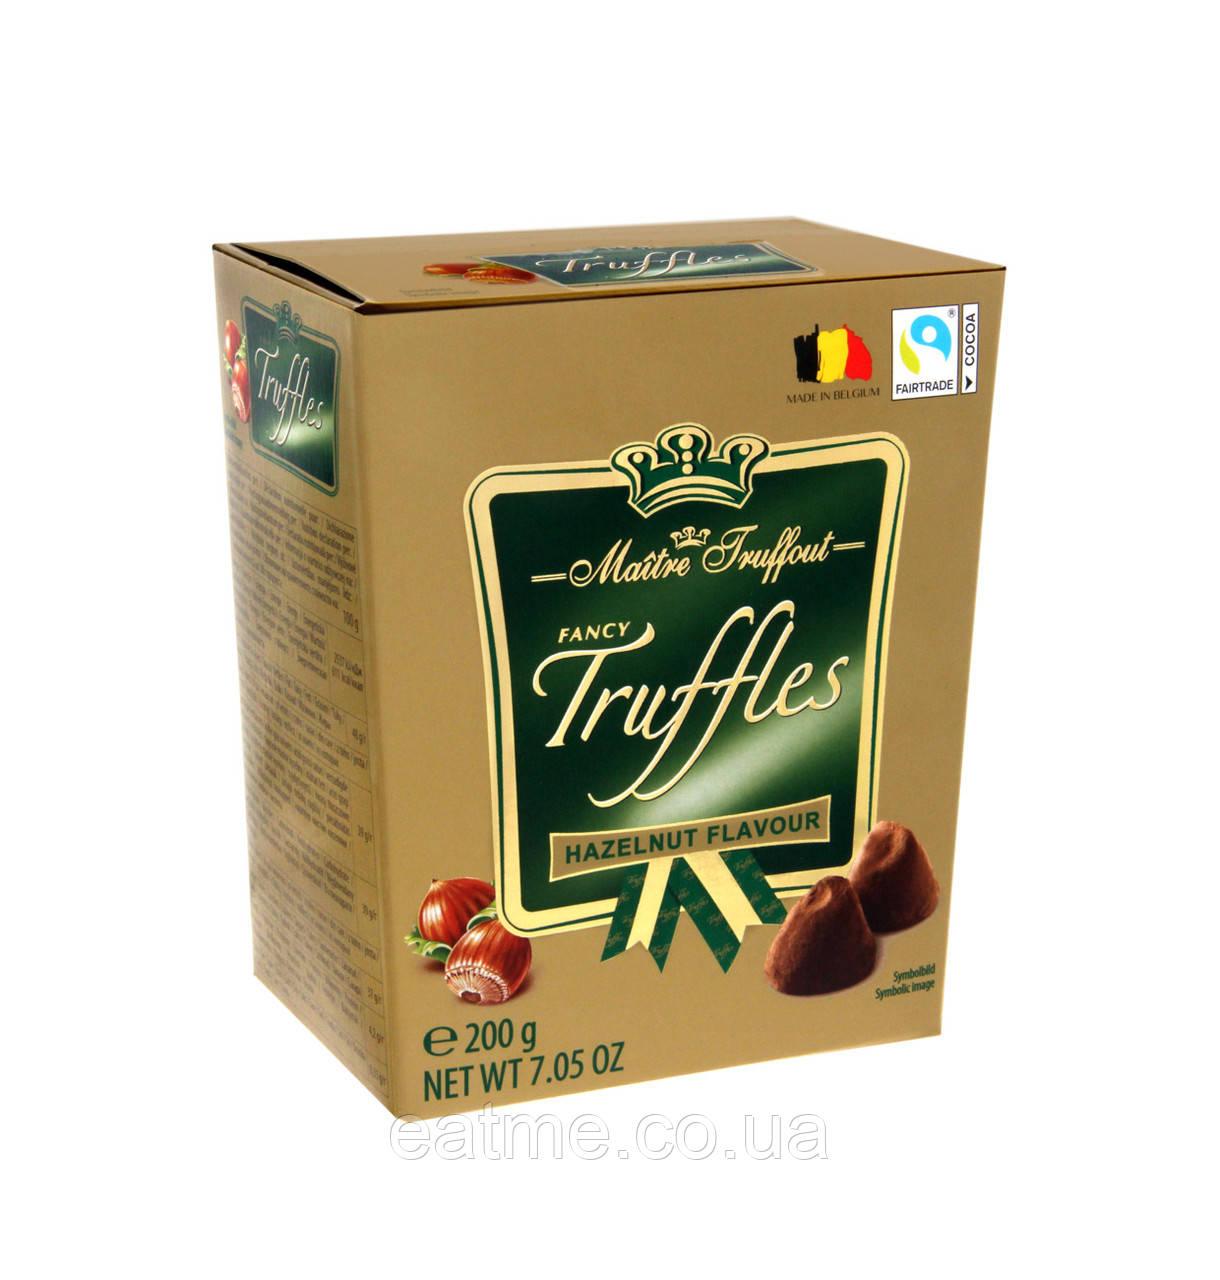 Конфеты Трюфель ореховый  Maitre Fruffout